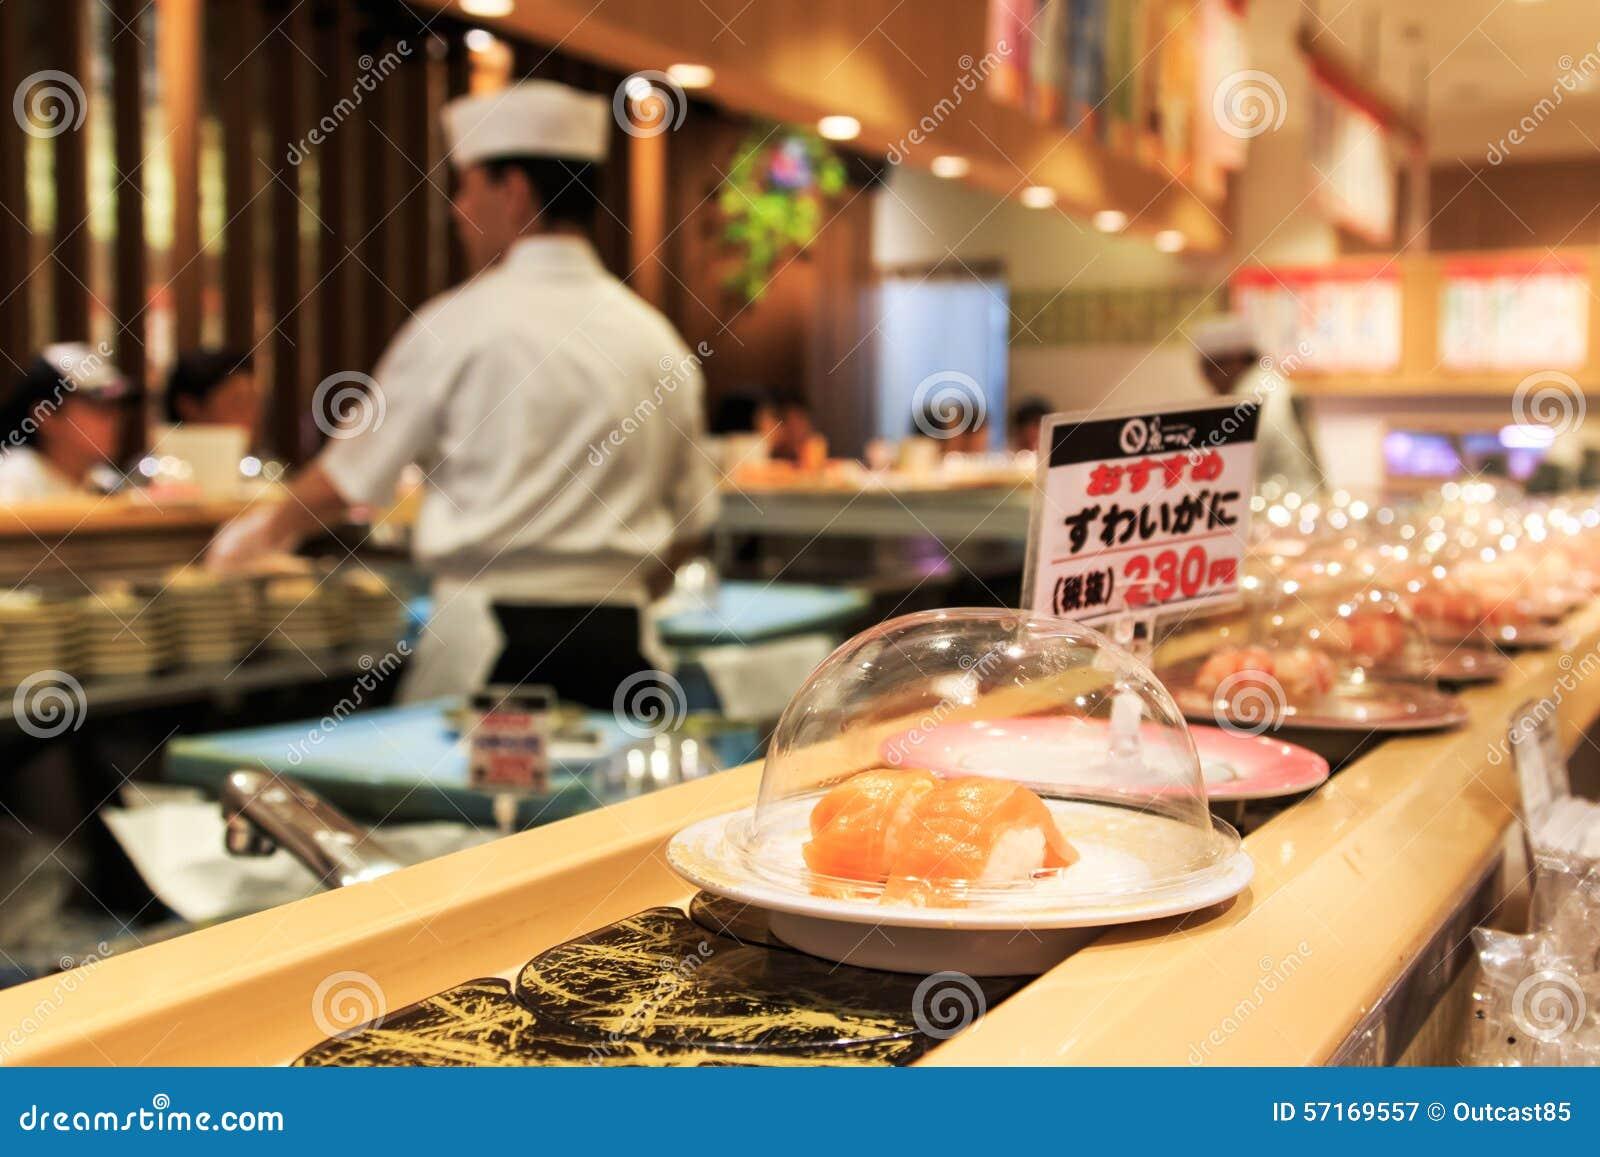 Japanese restaurant editorial image for Airasia japanese cuisine